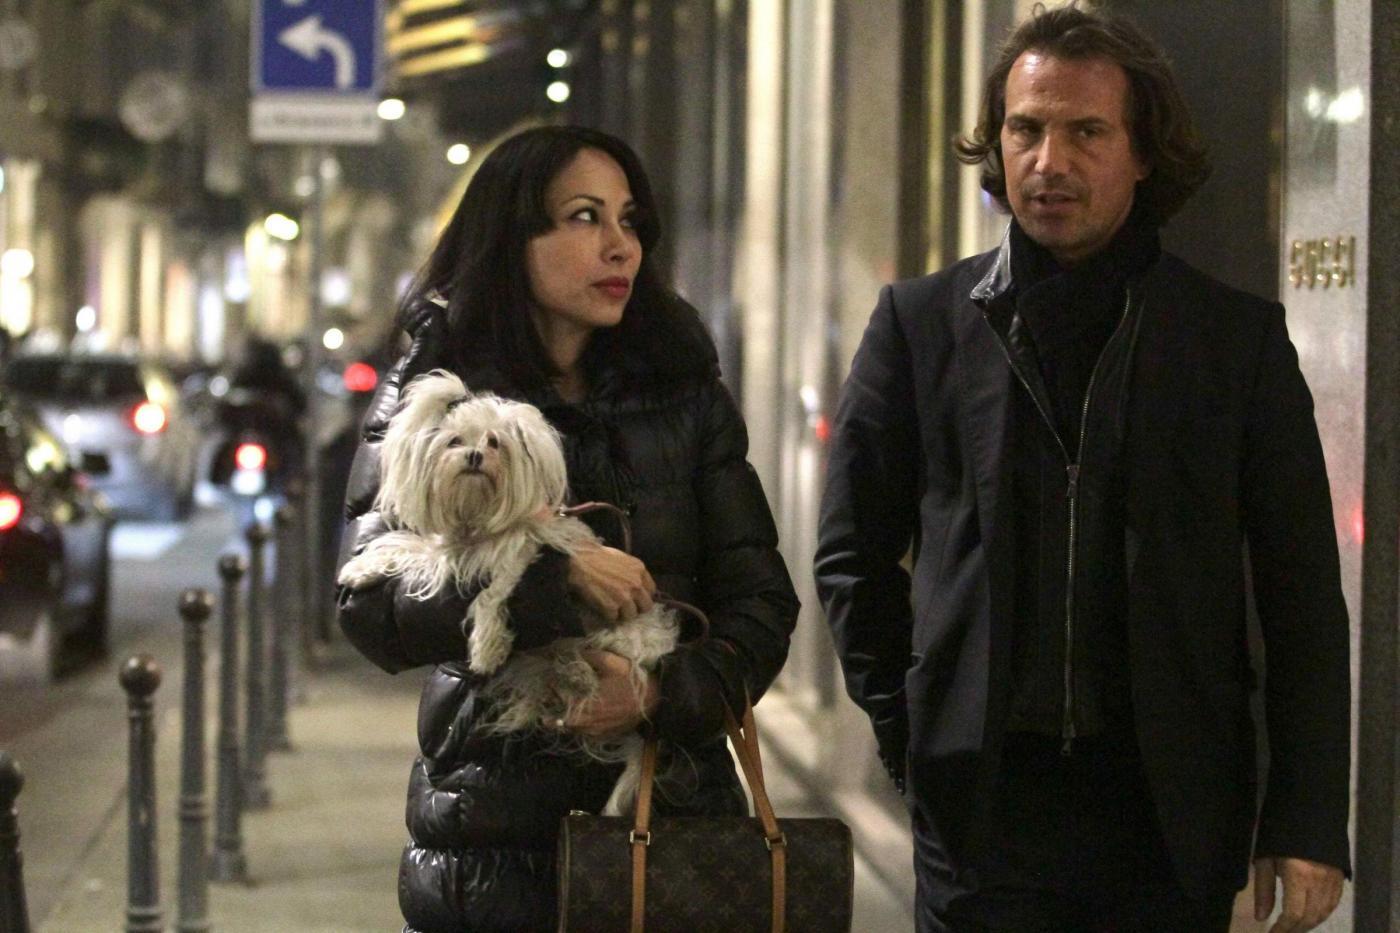 Antonio Zequila con ragazza e cagnolino a Milano6